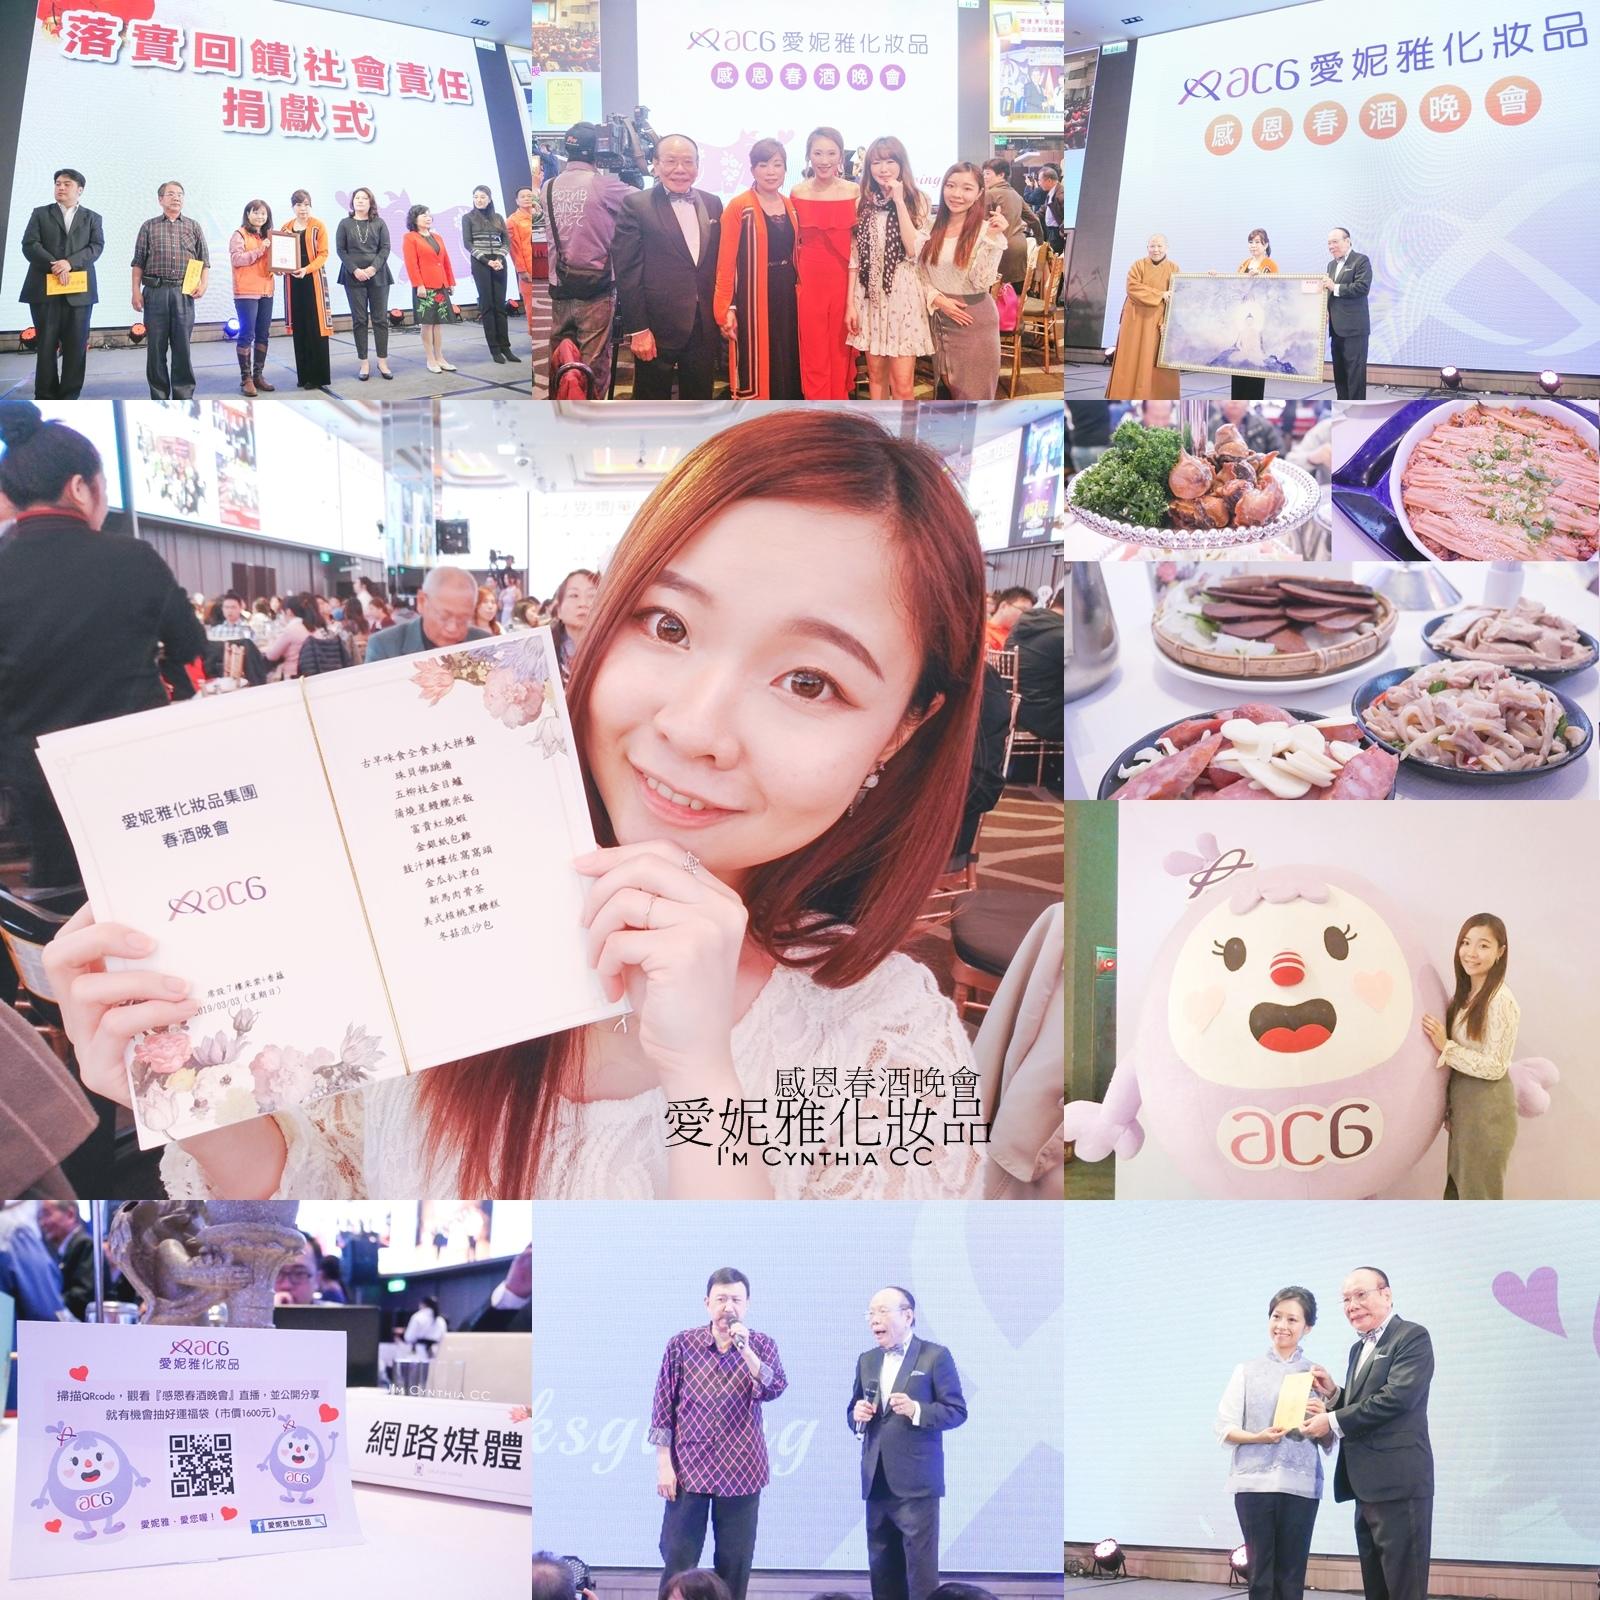 熱心公益致力回饋社會的台灣化妝品專櫃品牌-愛妮雅化妝品春酒晚會